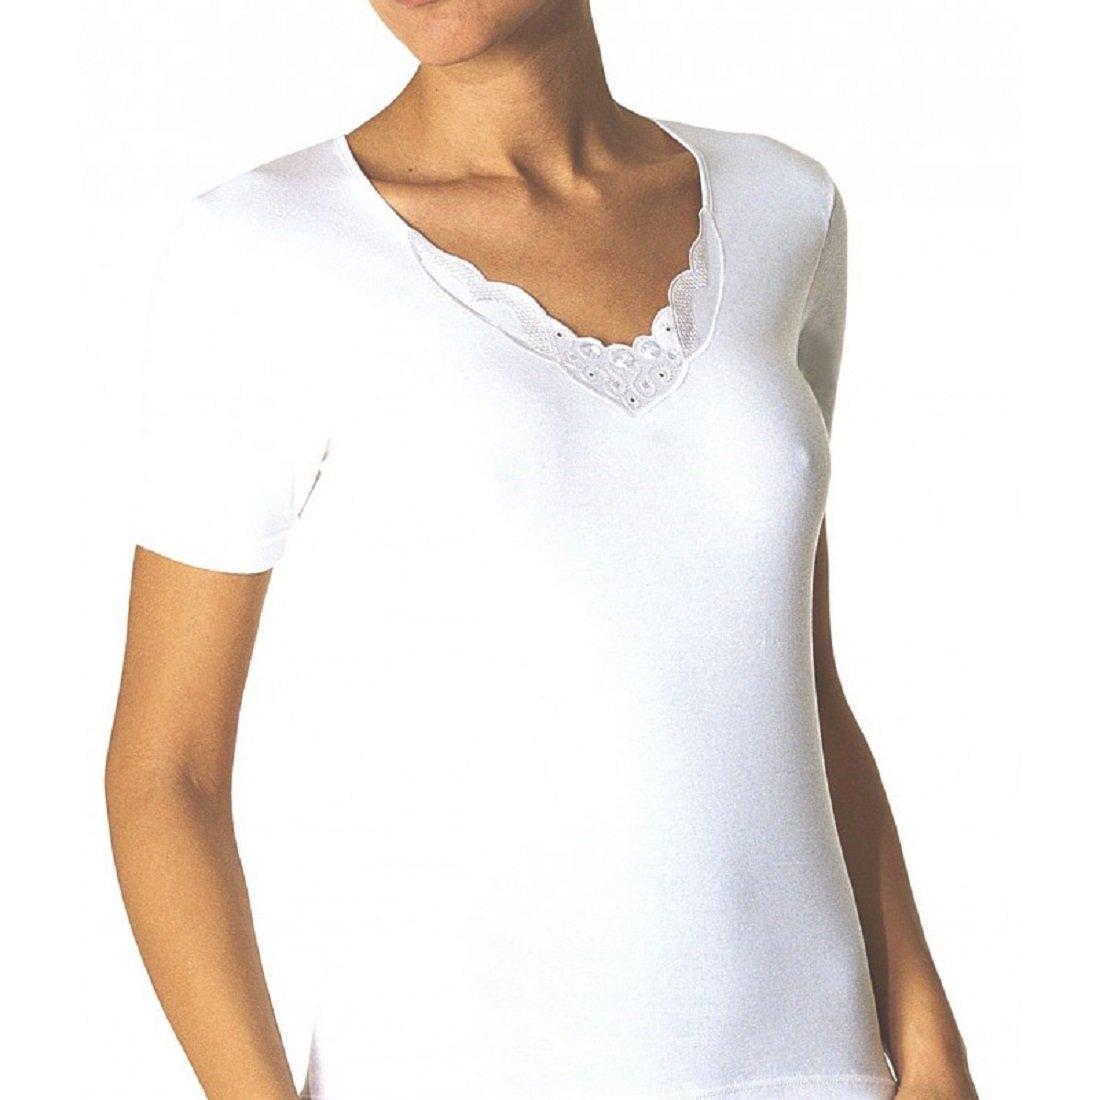 Camiseta Manga Corta con Tira Bordada sin Costuras Tubular. AVET 7605